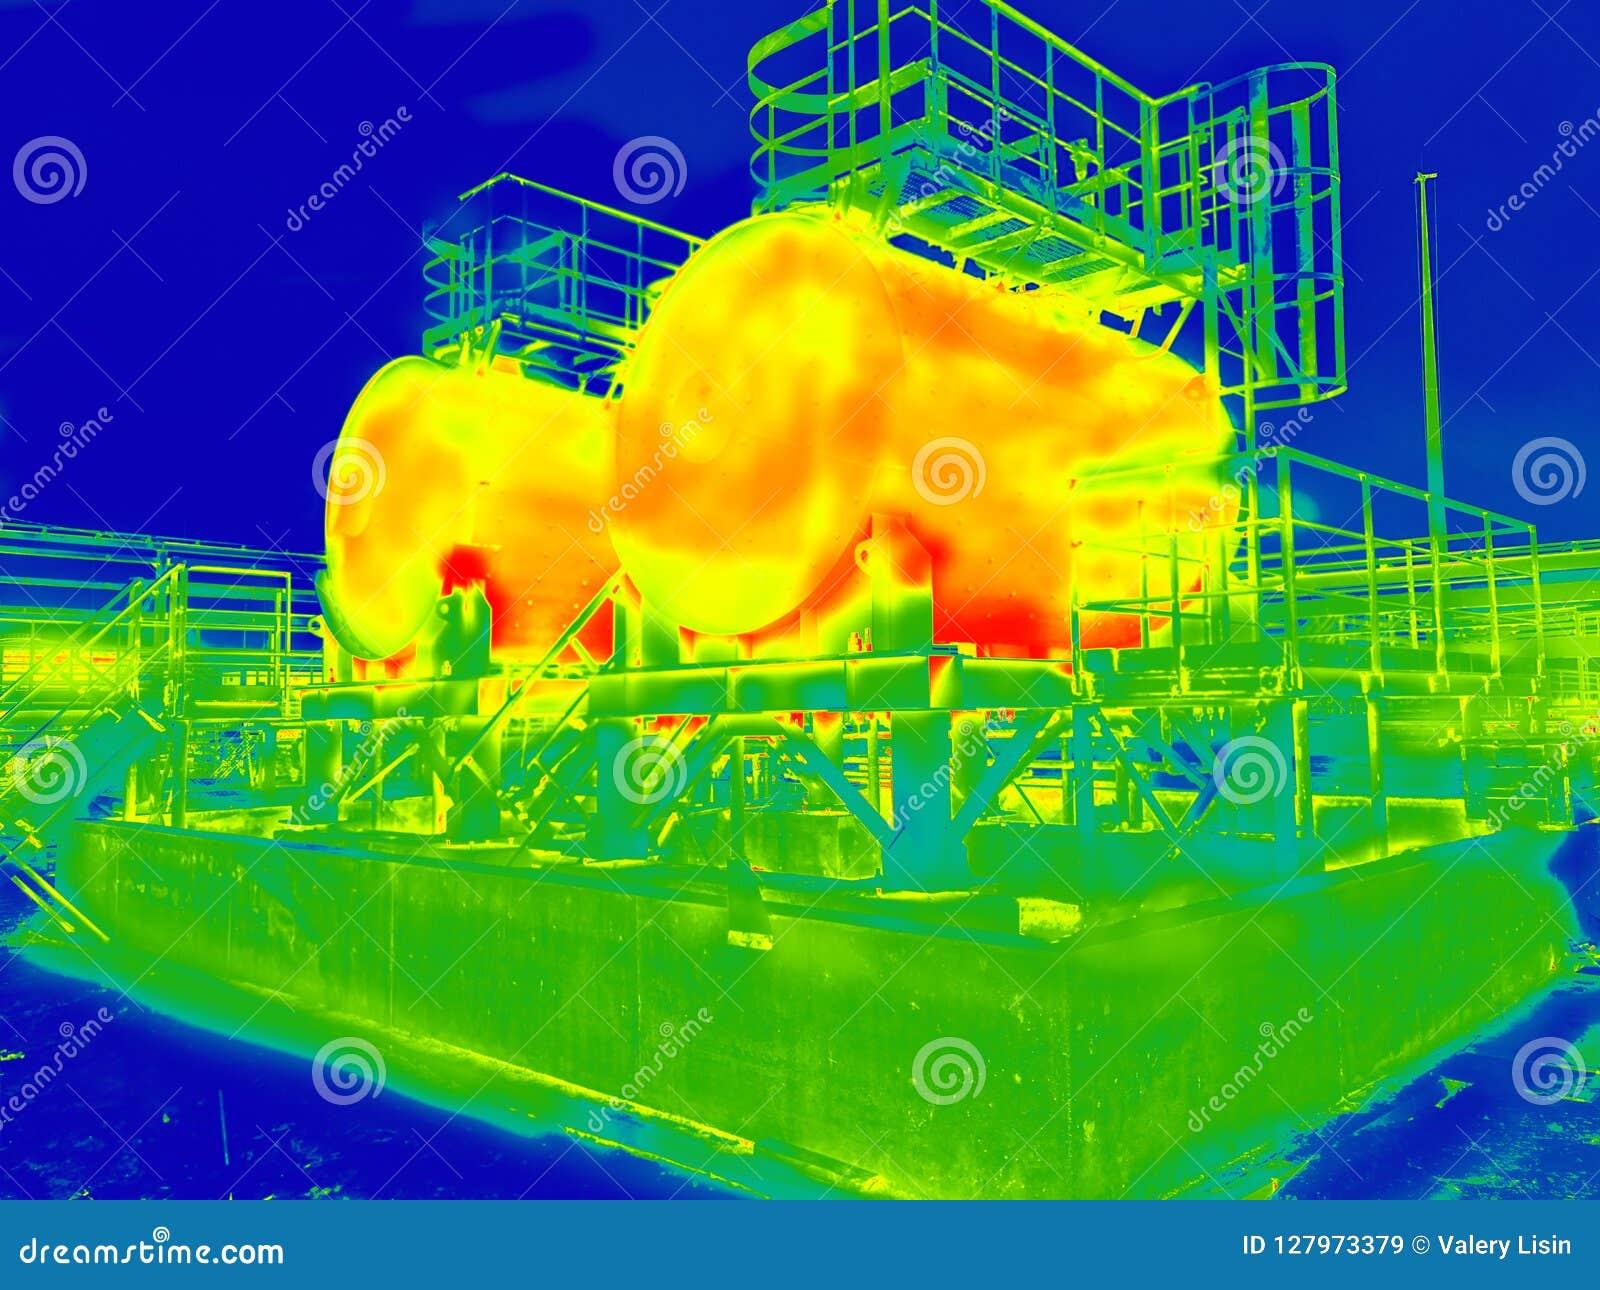 Infrarood beeld van twee tanks